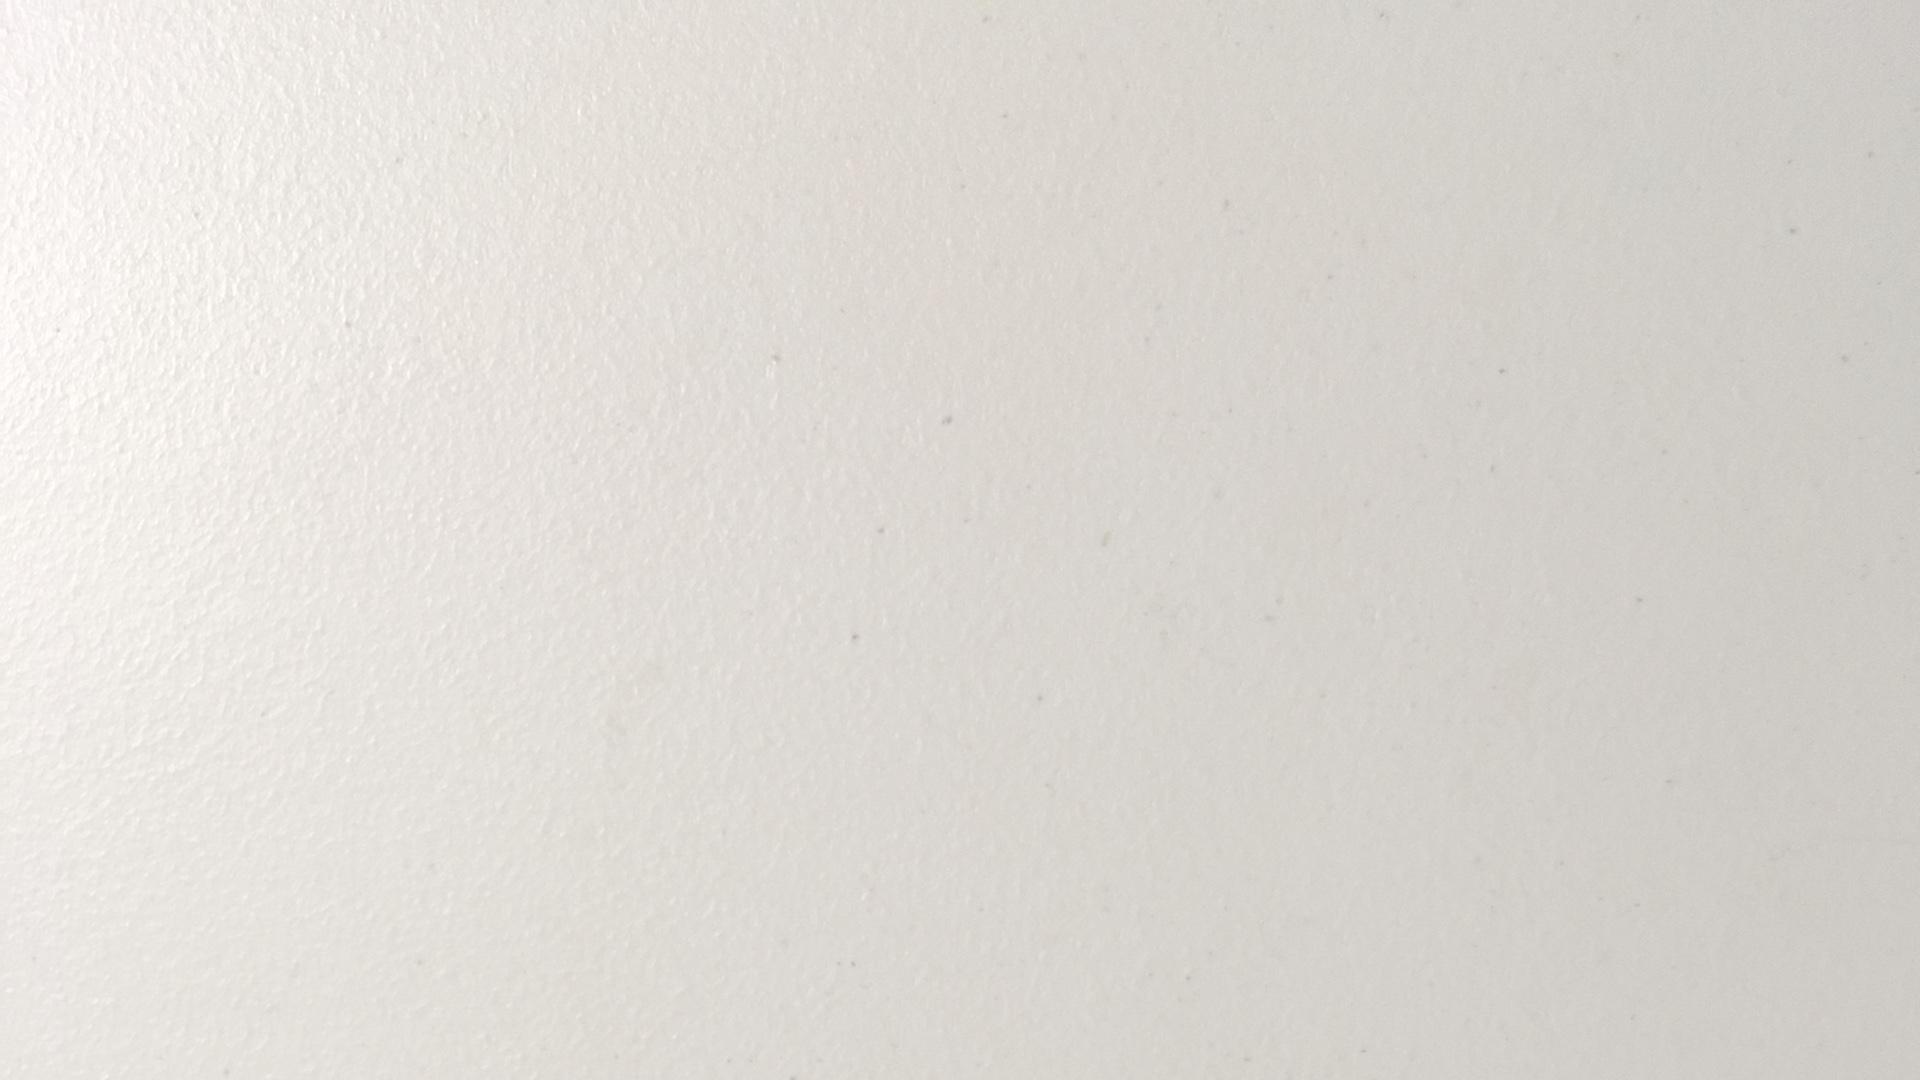 光沢のある白い壁の無料バーチャル背景素材